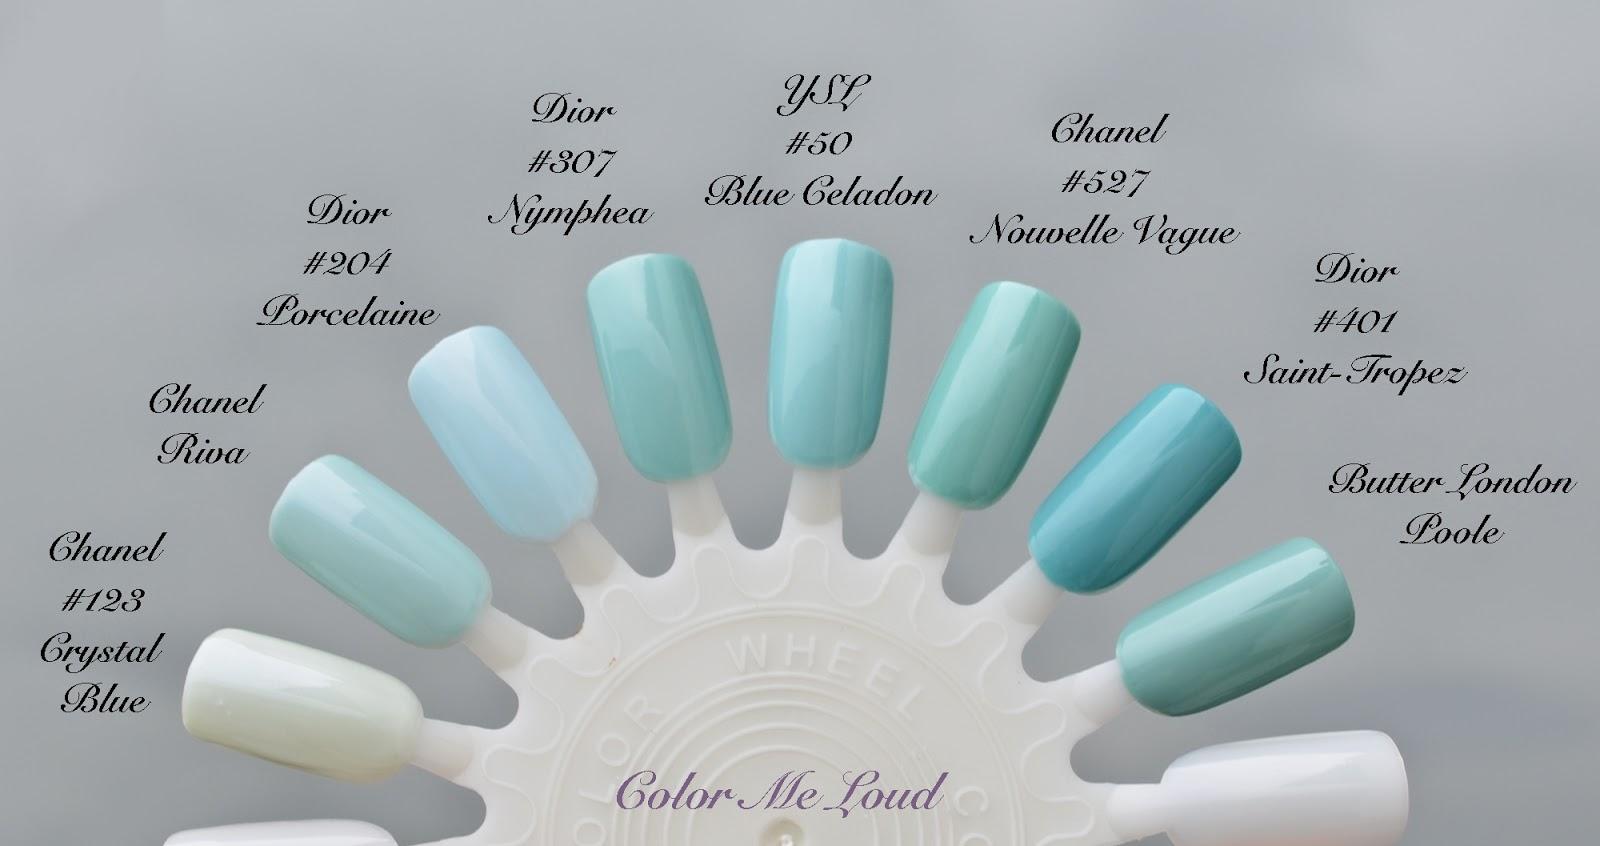 yves saint laurent la laque couture 50 bleu celadon 51 bleu cyclades for bleus lumiere summer. Black Bedroom Furniture Sets. Home Design Ideas